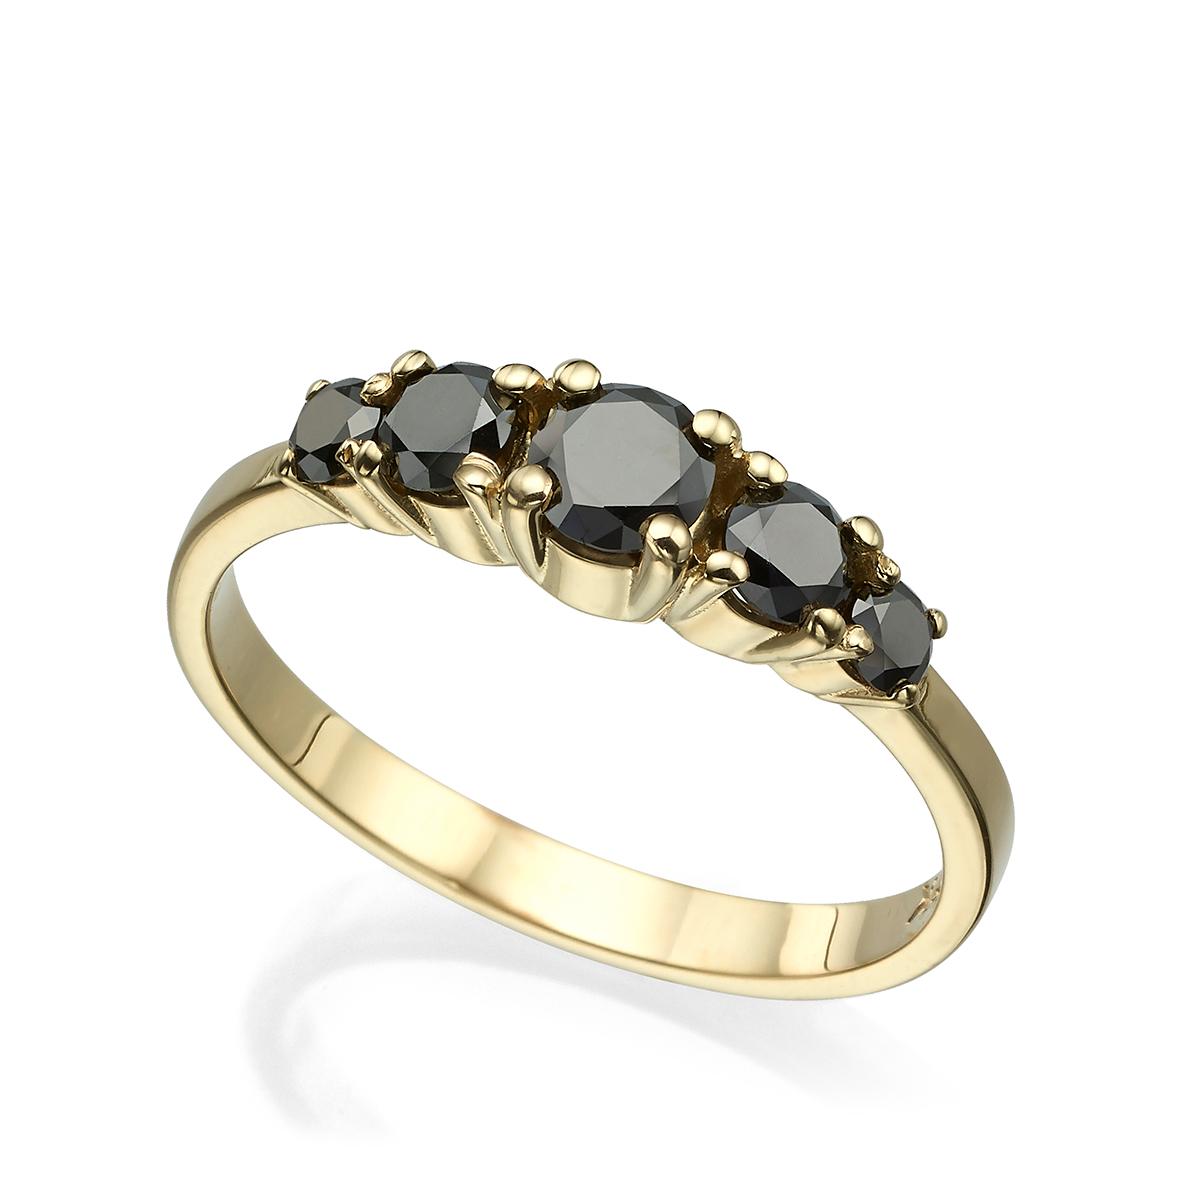 טבעת זהב משובצת 5 יהלומים שחורים, 80 נק', בשיבוץ שיניים